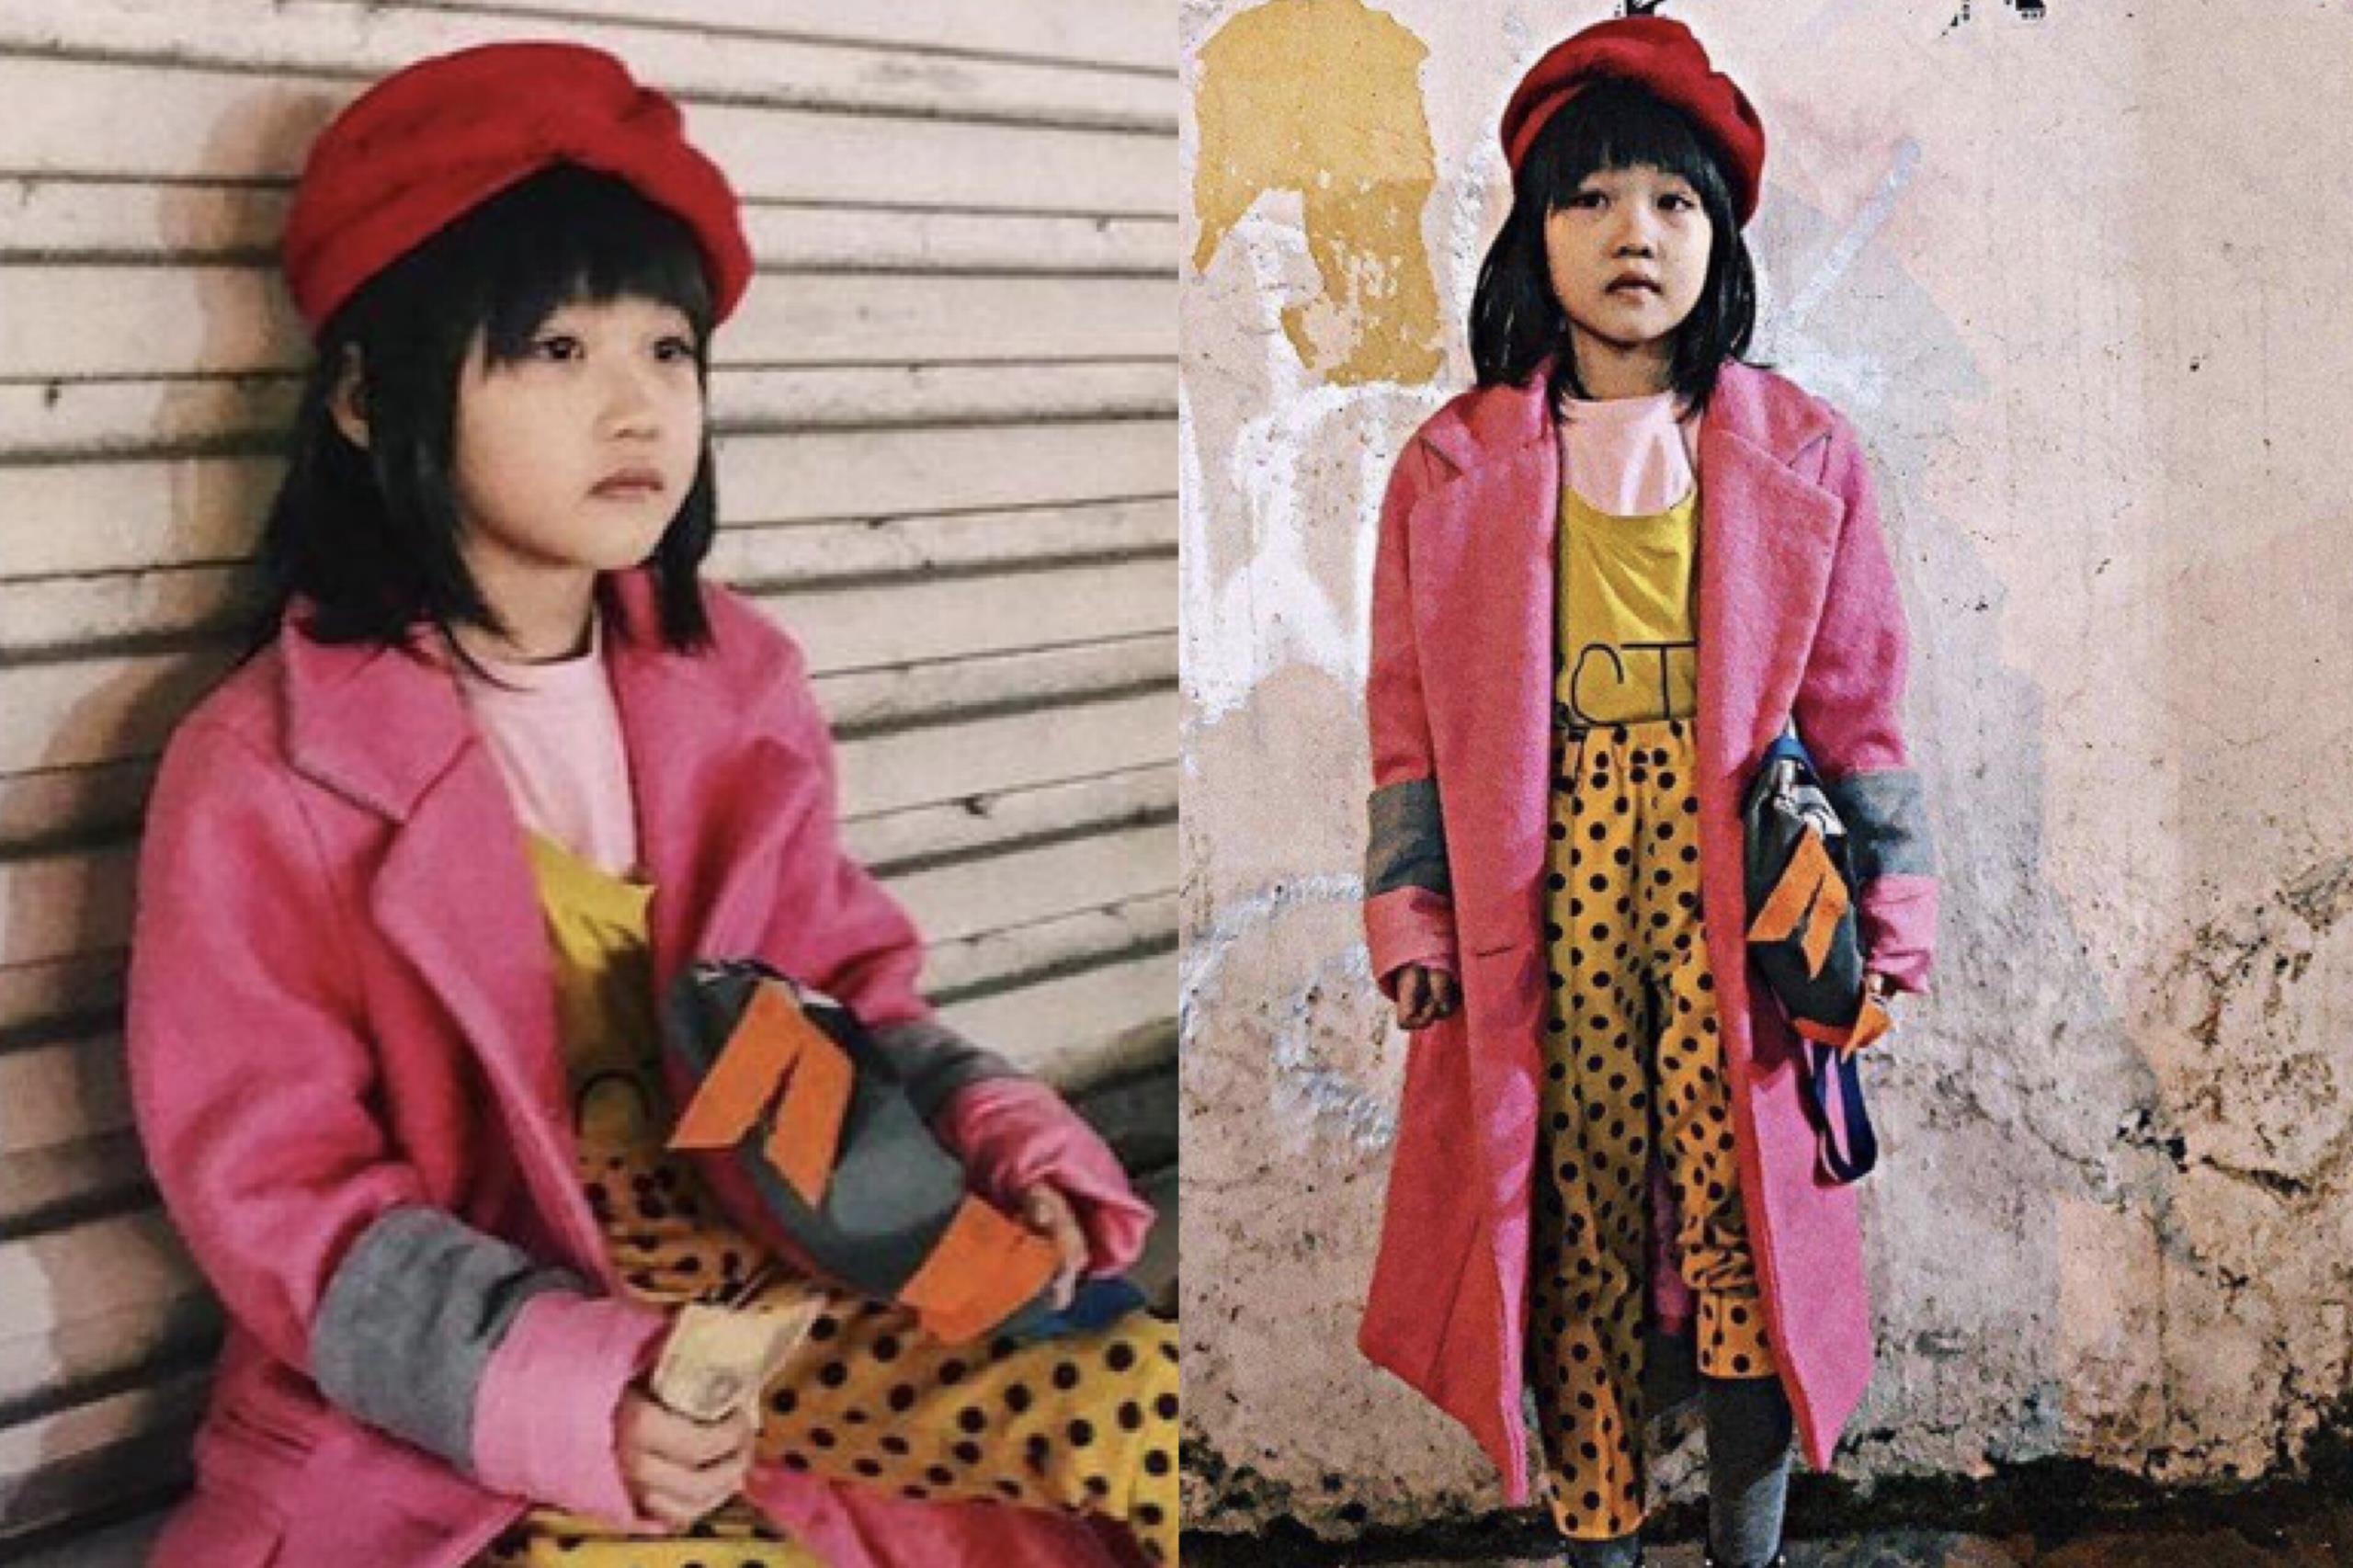 Bé gái vô gia cư, sống vỉa hè nhưng quần áo phối vô cùng 'đẳng cấp'